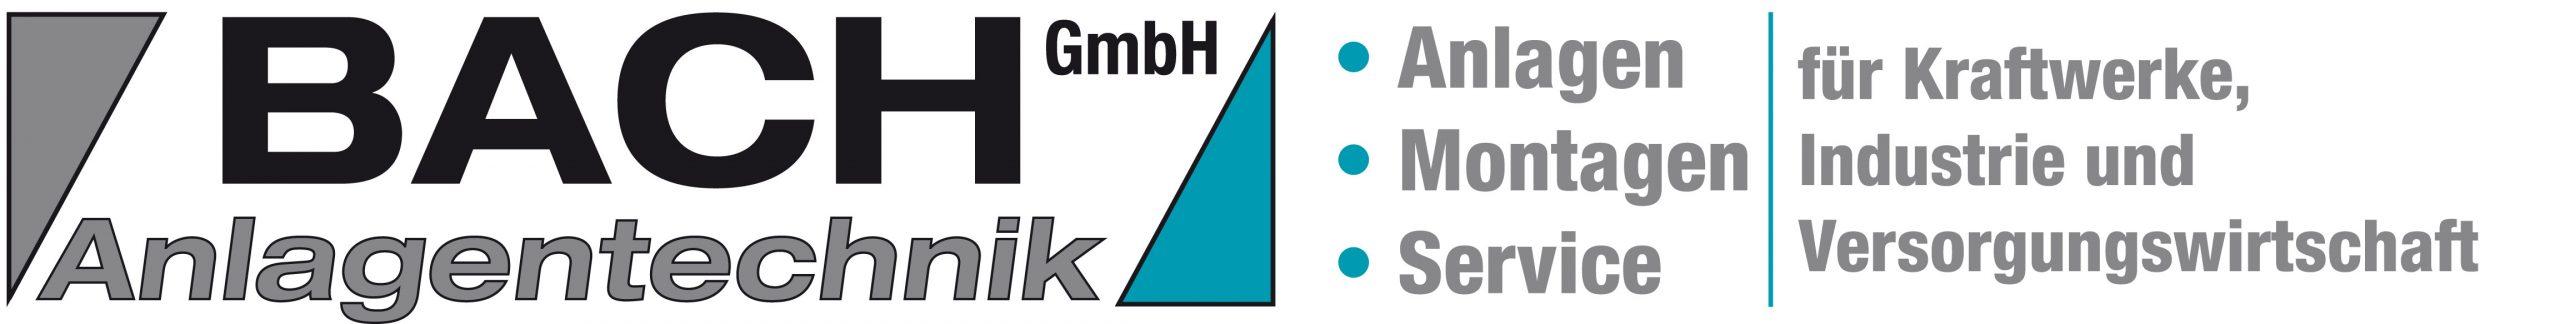 BACH Anlagentechnik GmbH